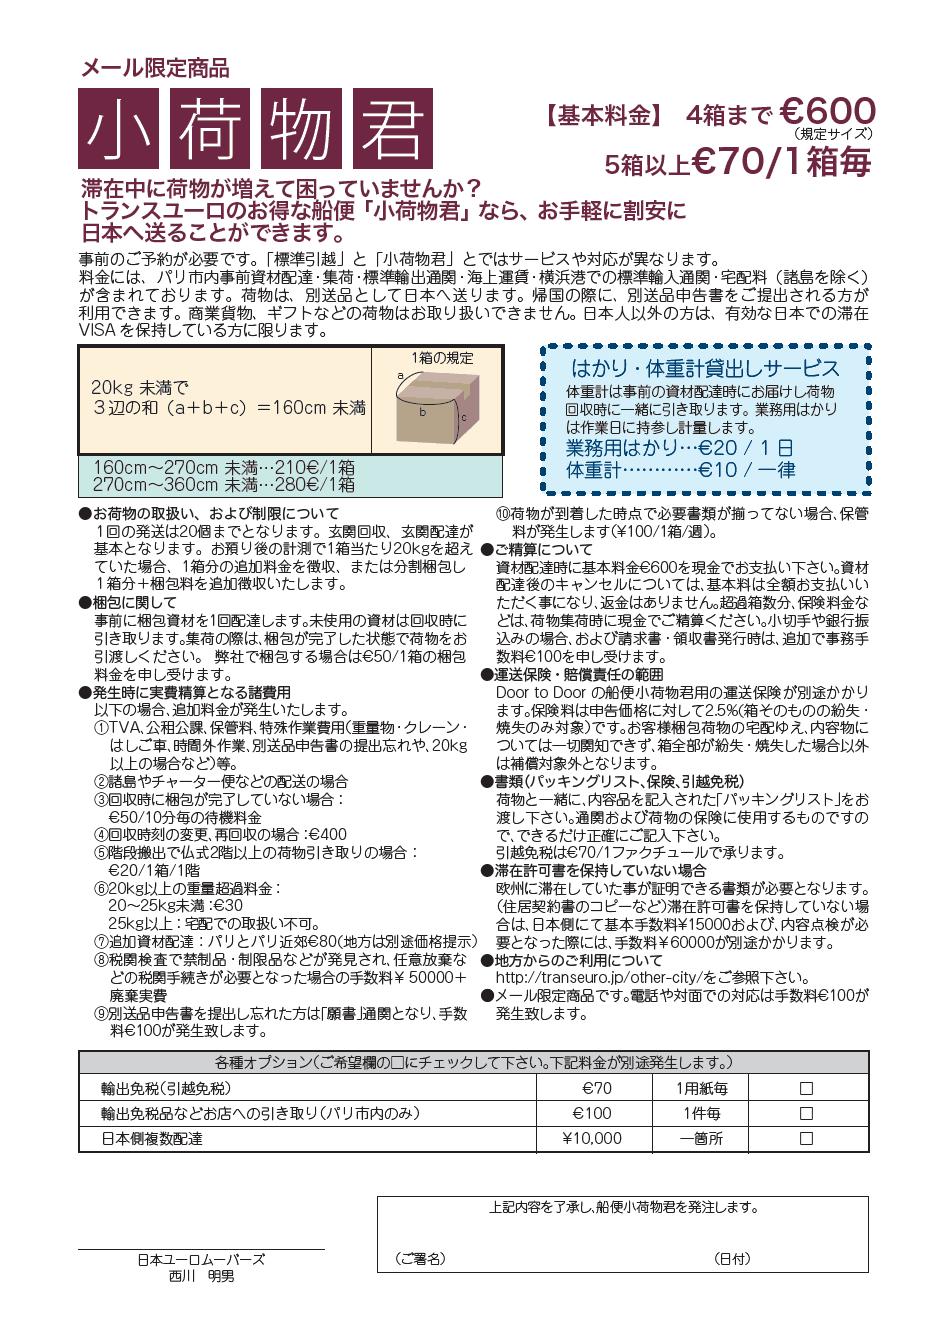 konimotsu_kun